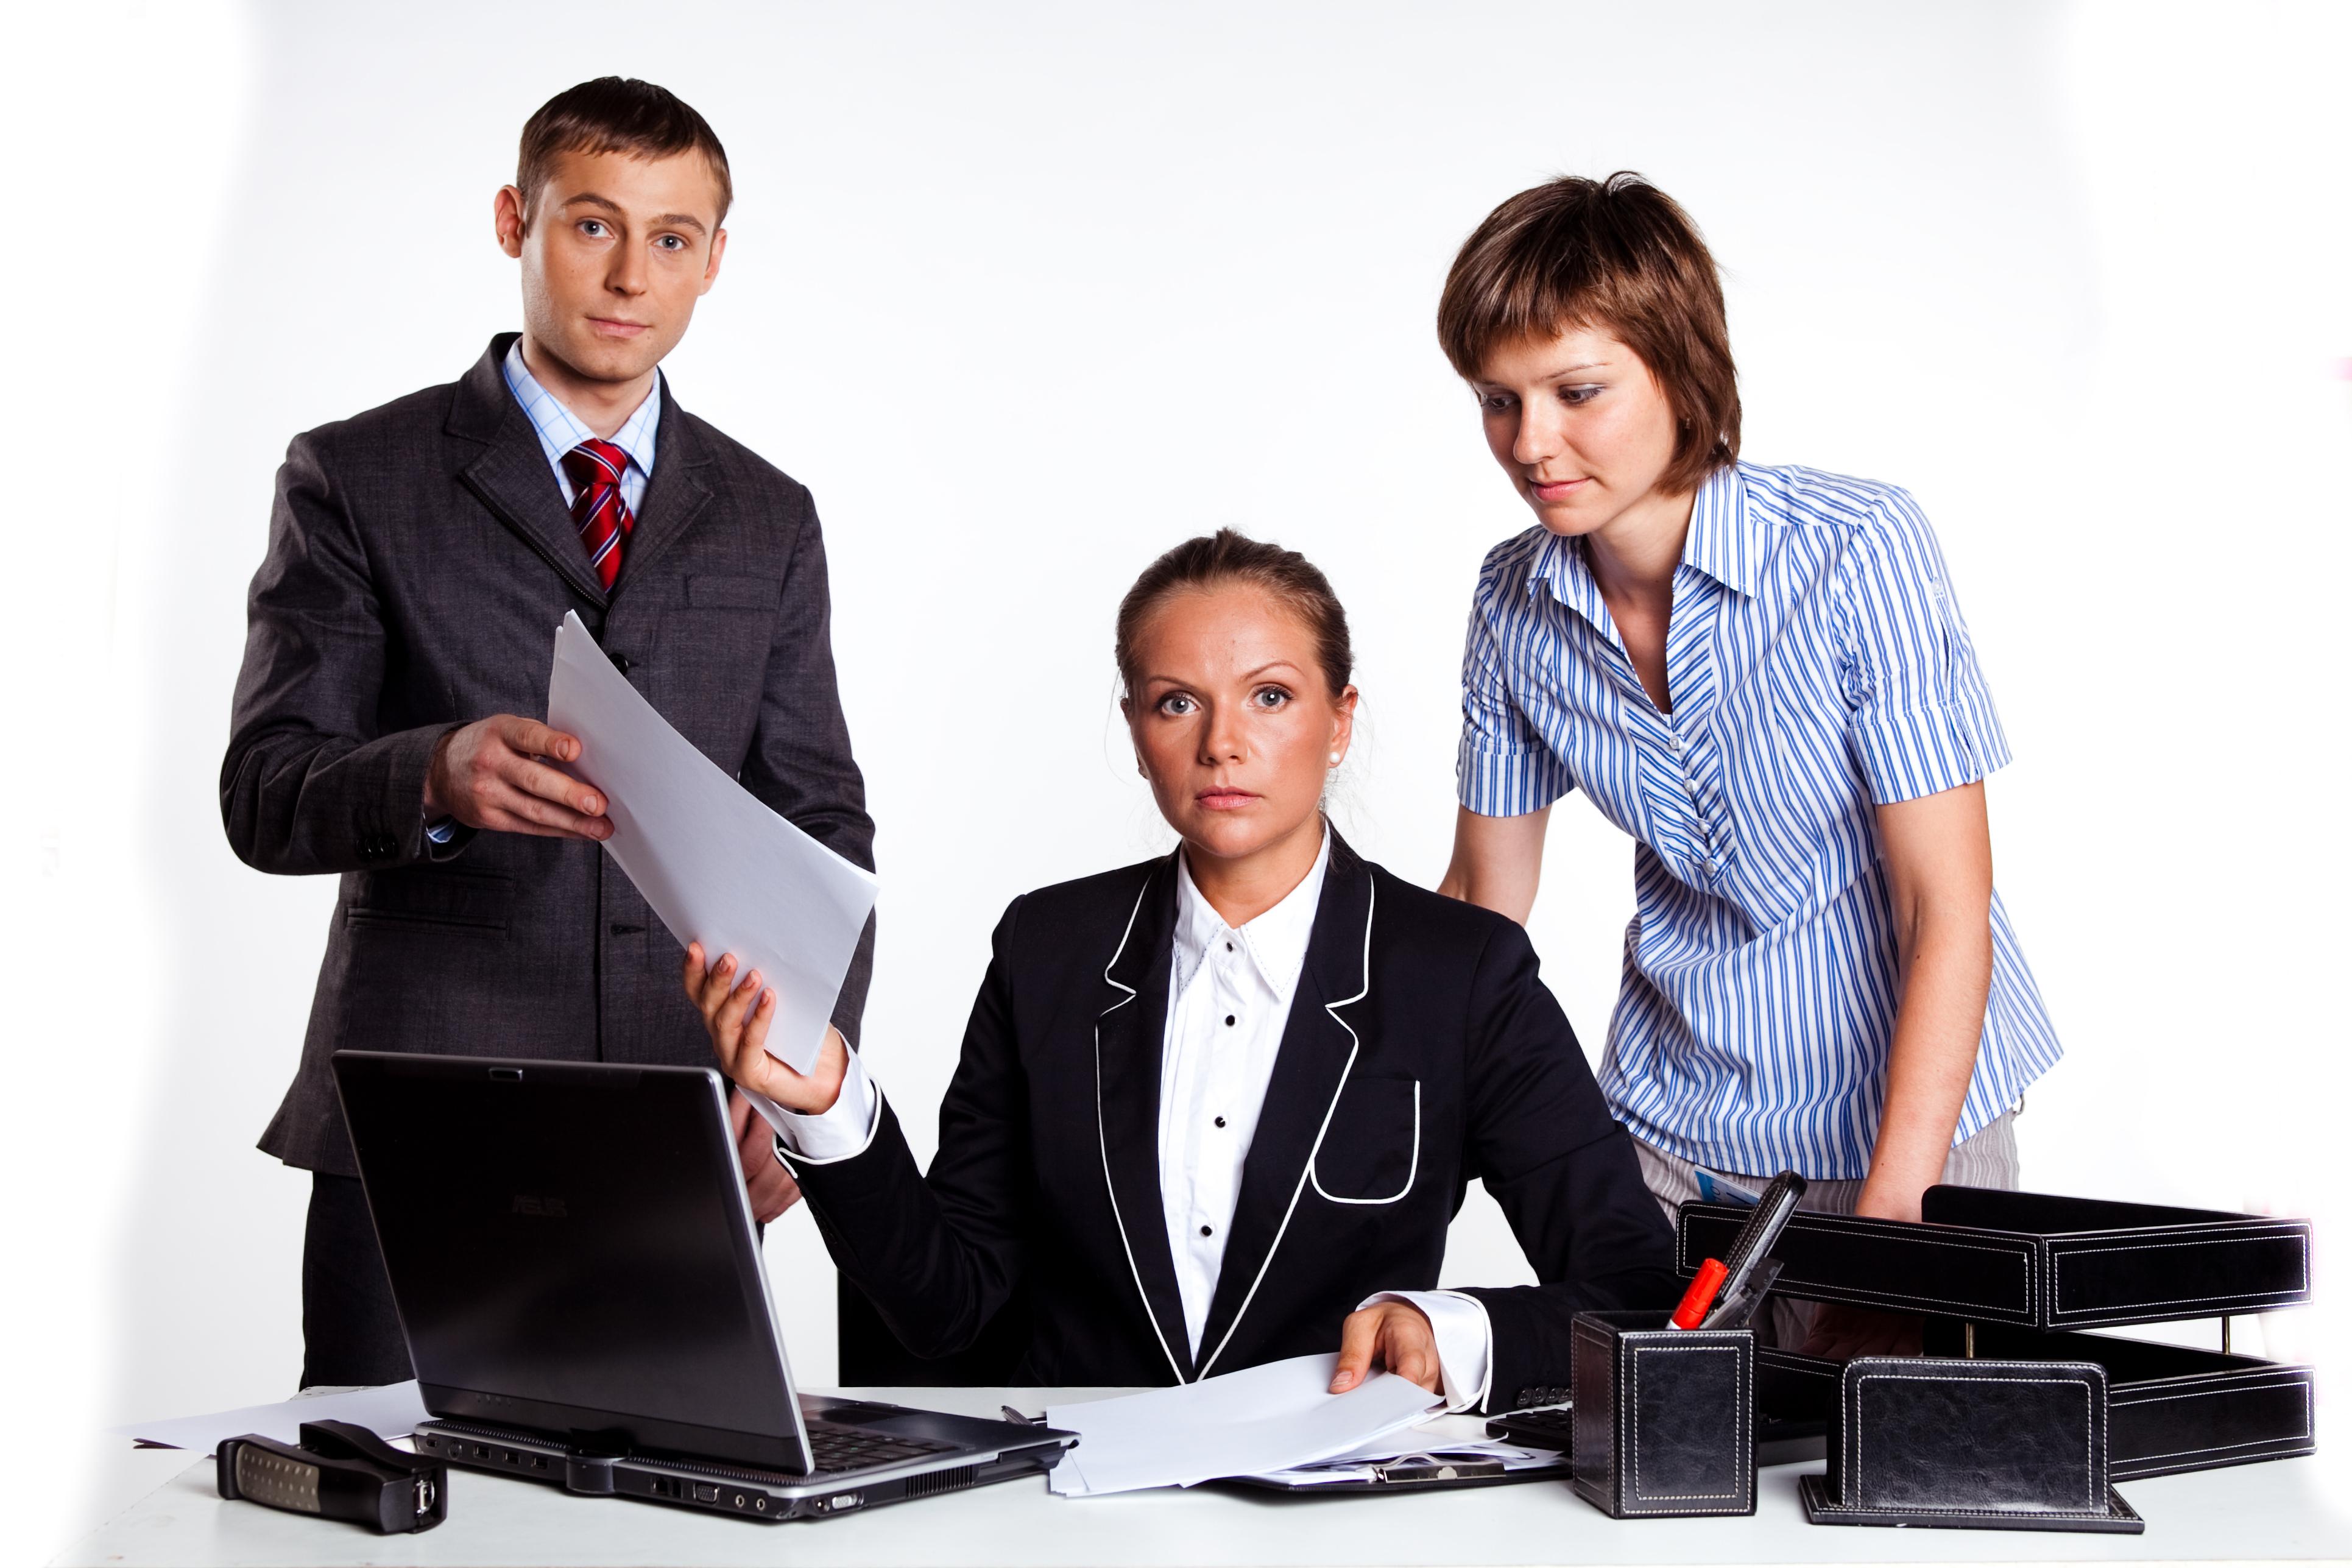 Работодатель не перечисляет взносы в Пенсионный фонд что делать